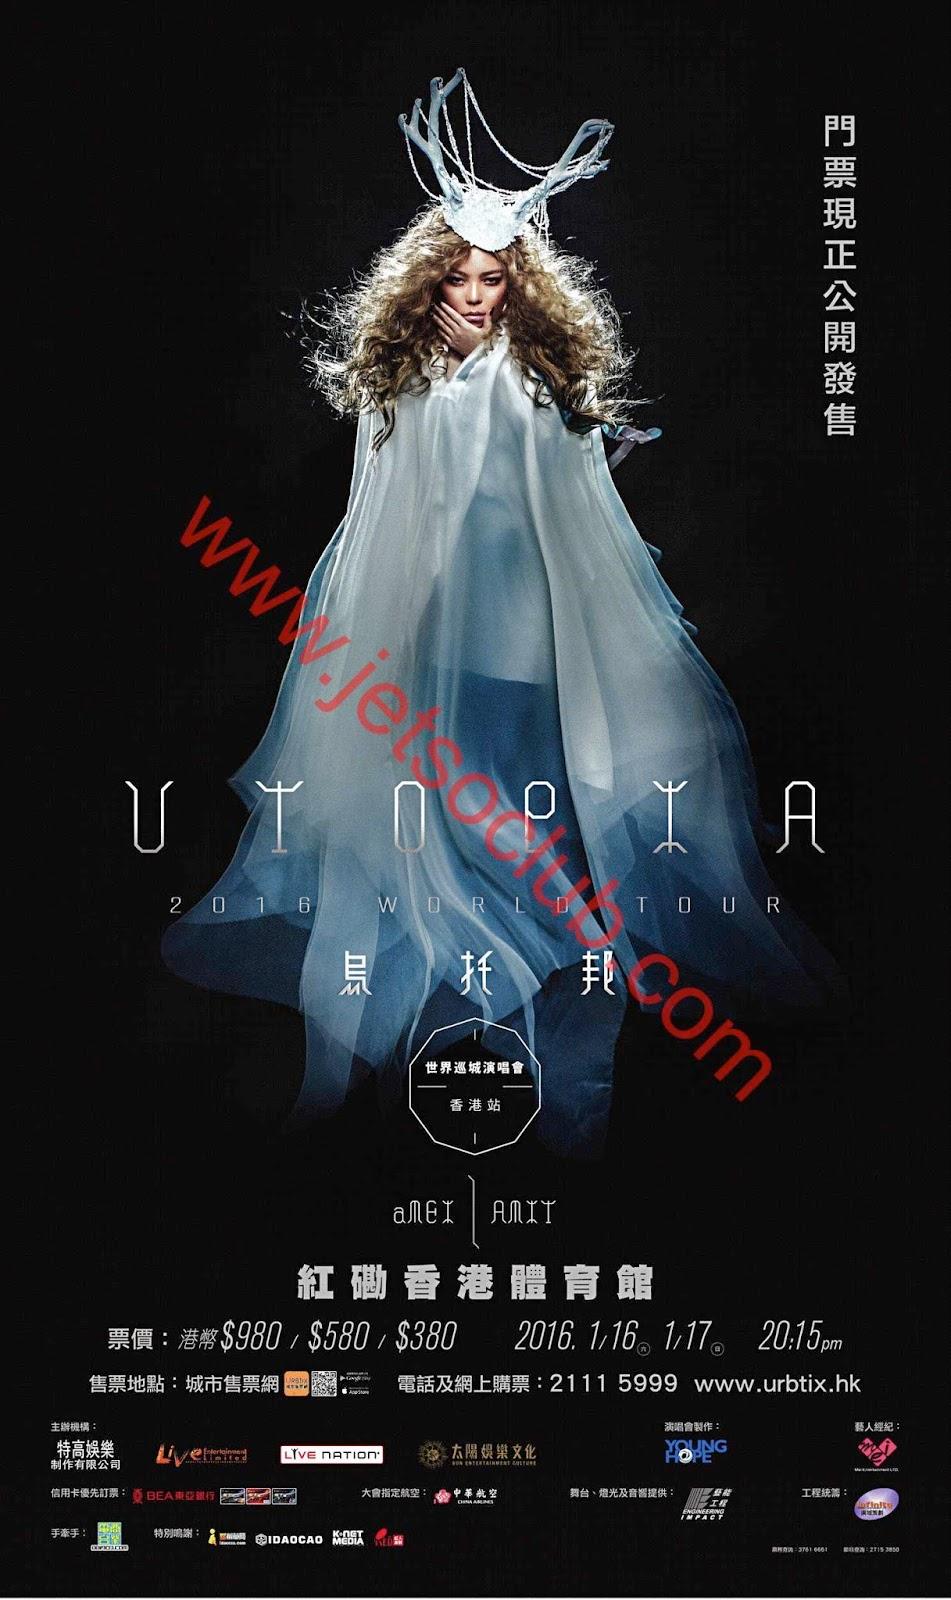 張惠妹 2016 世界巡城演唱會-香港 門票公開發售(9/11起) ( Jetso Club 著數俱樂部 )